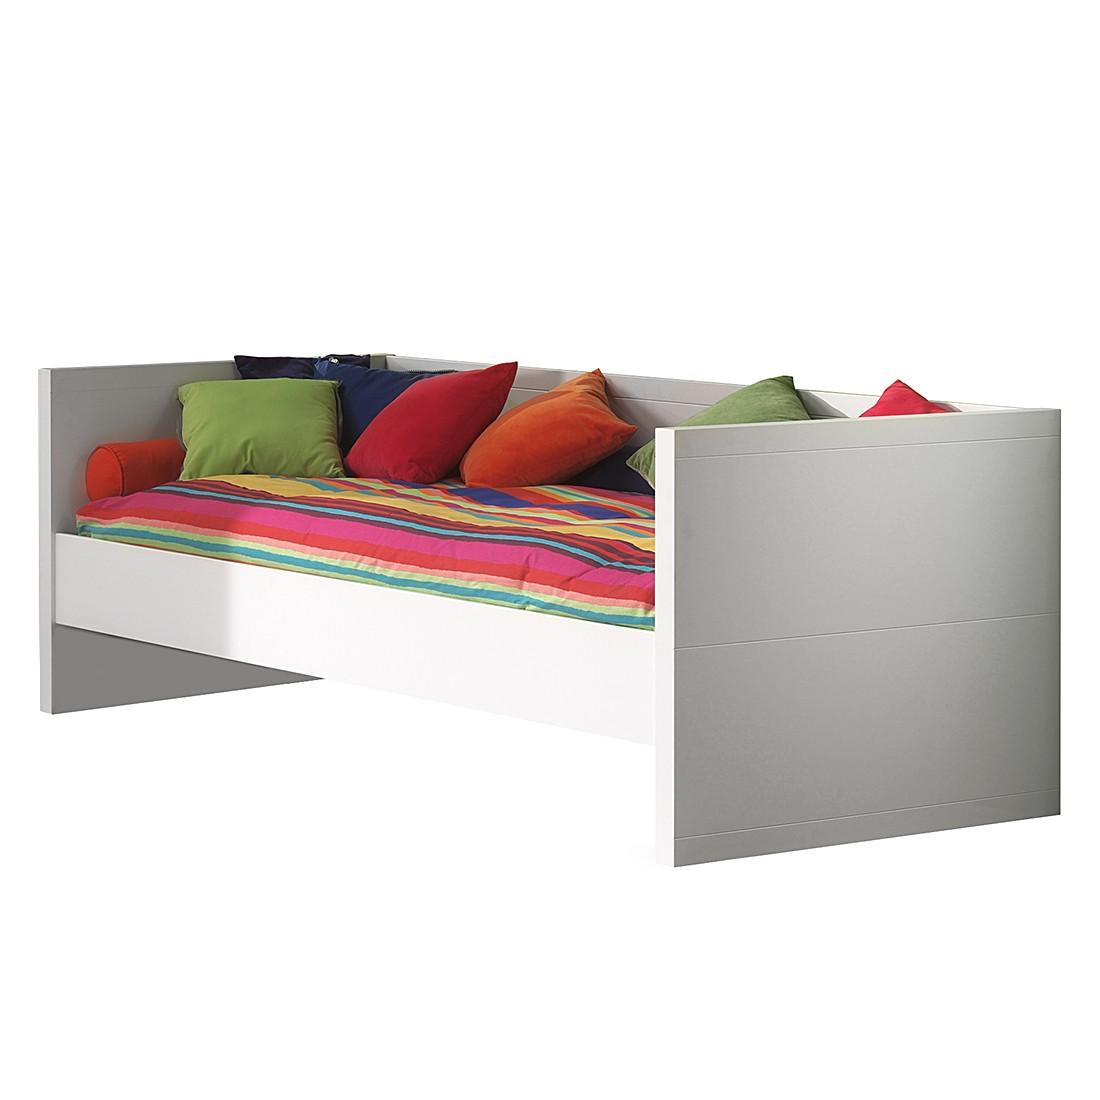 kojenbett wei preisvergleich die besten angebote online kaufen. Black Bedroom Furniture Sets. Home Design Ideas